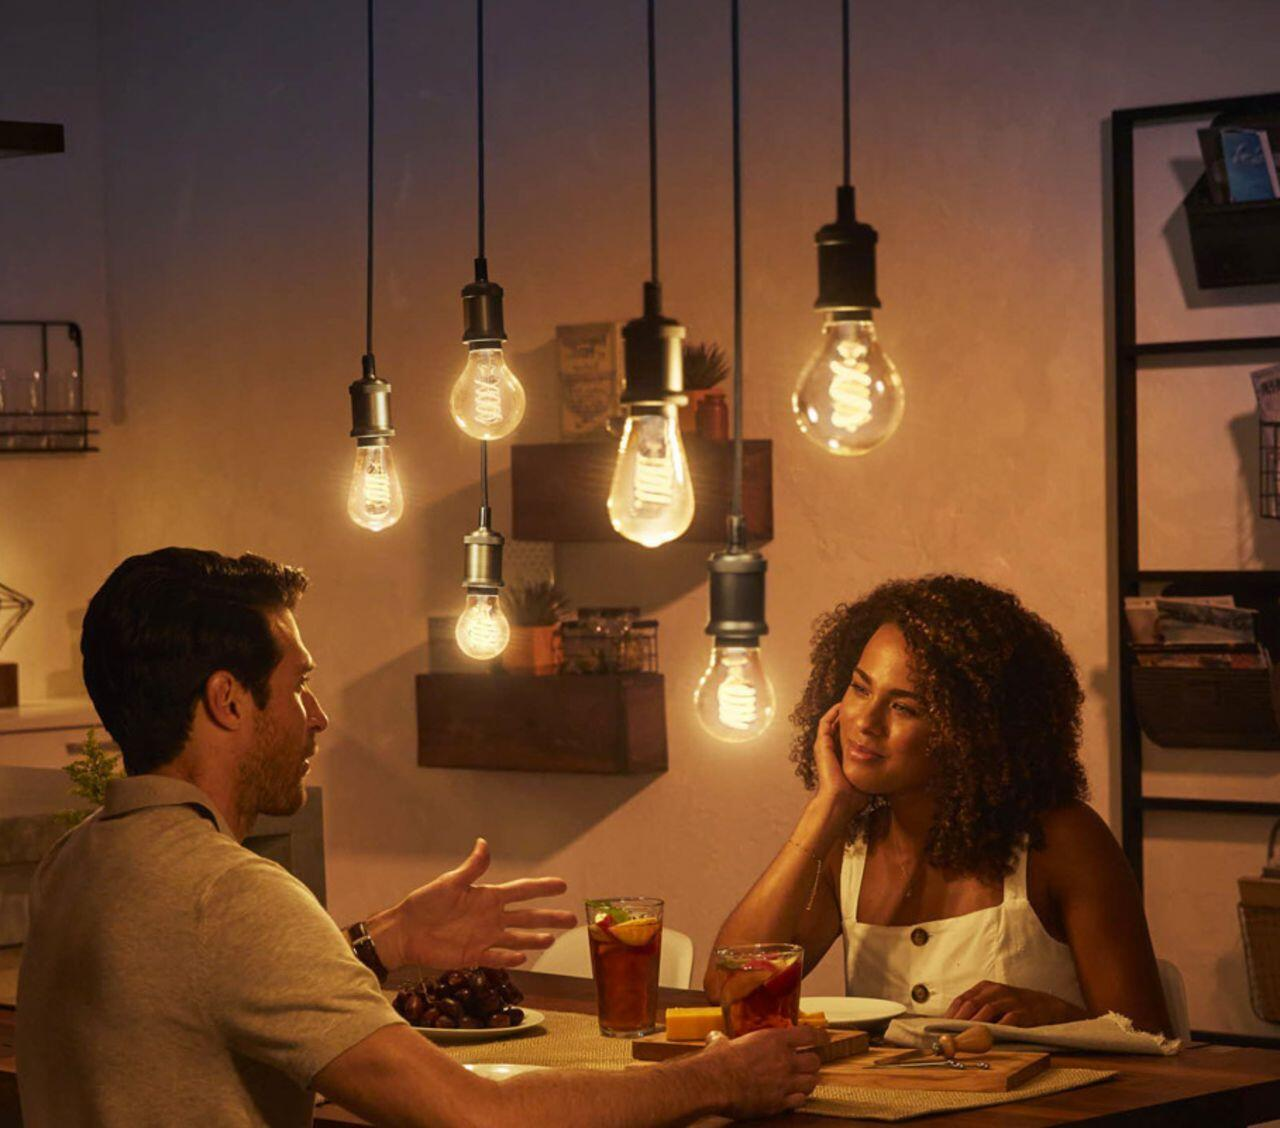 Quelle ampoule pour une lumière tamisée ?